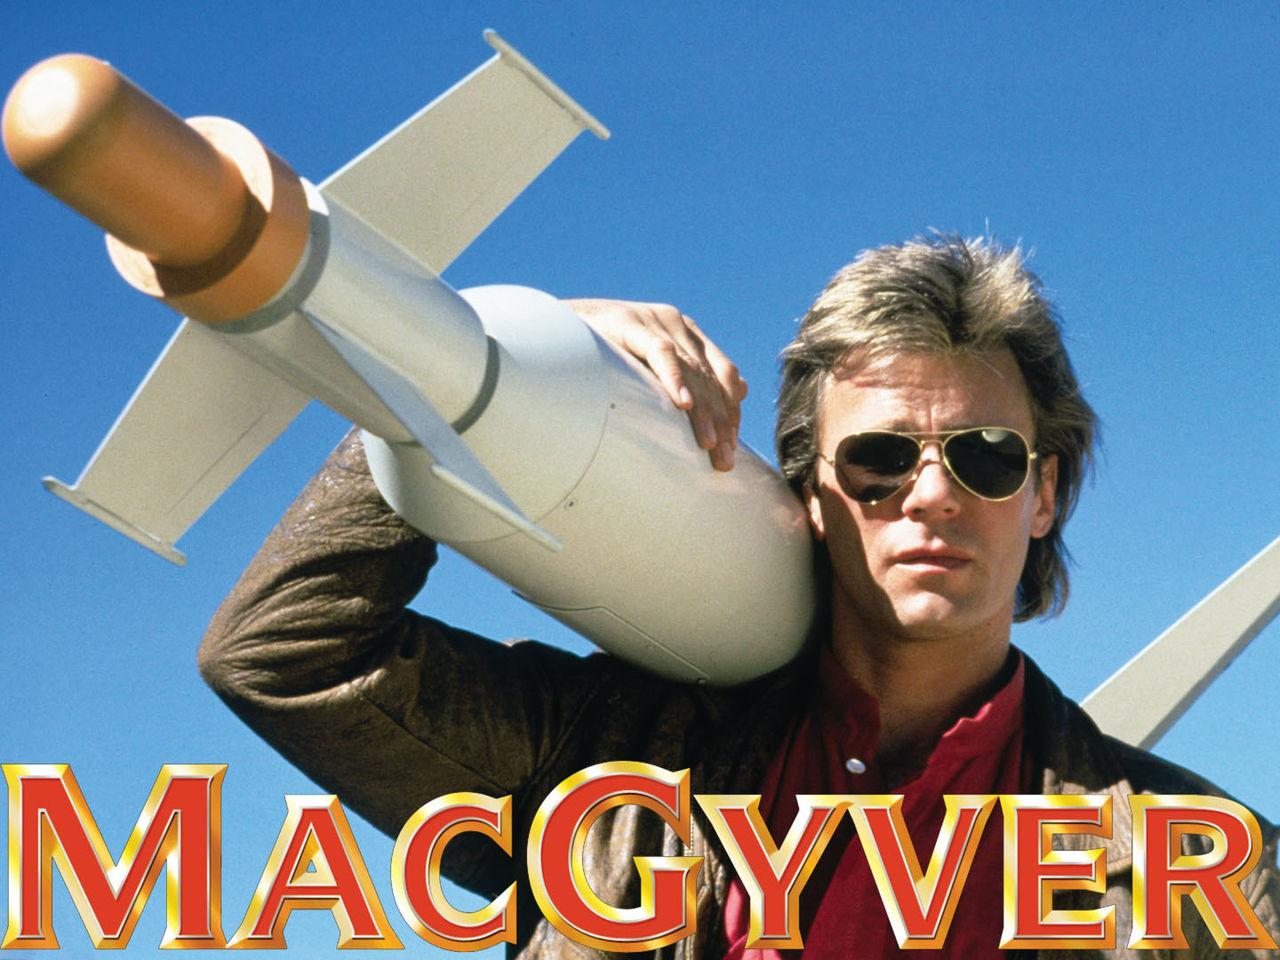 MacGyver är nu ett engelskt verb